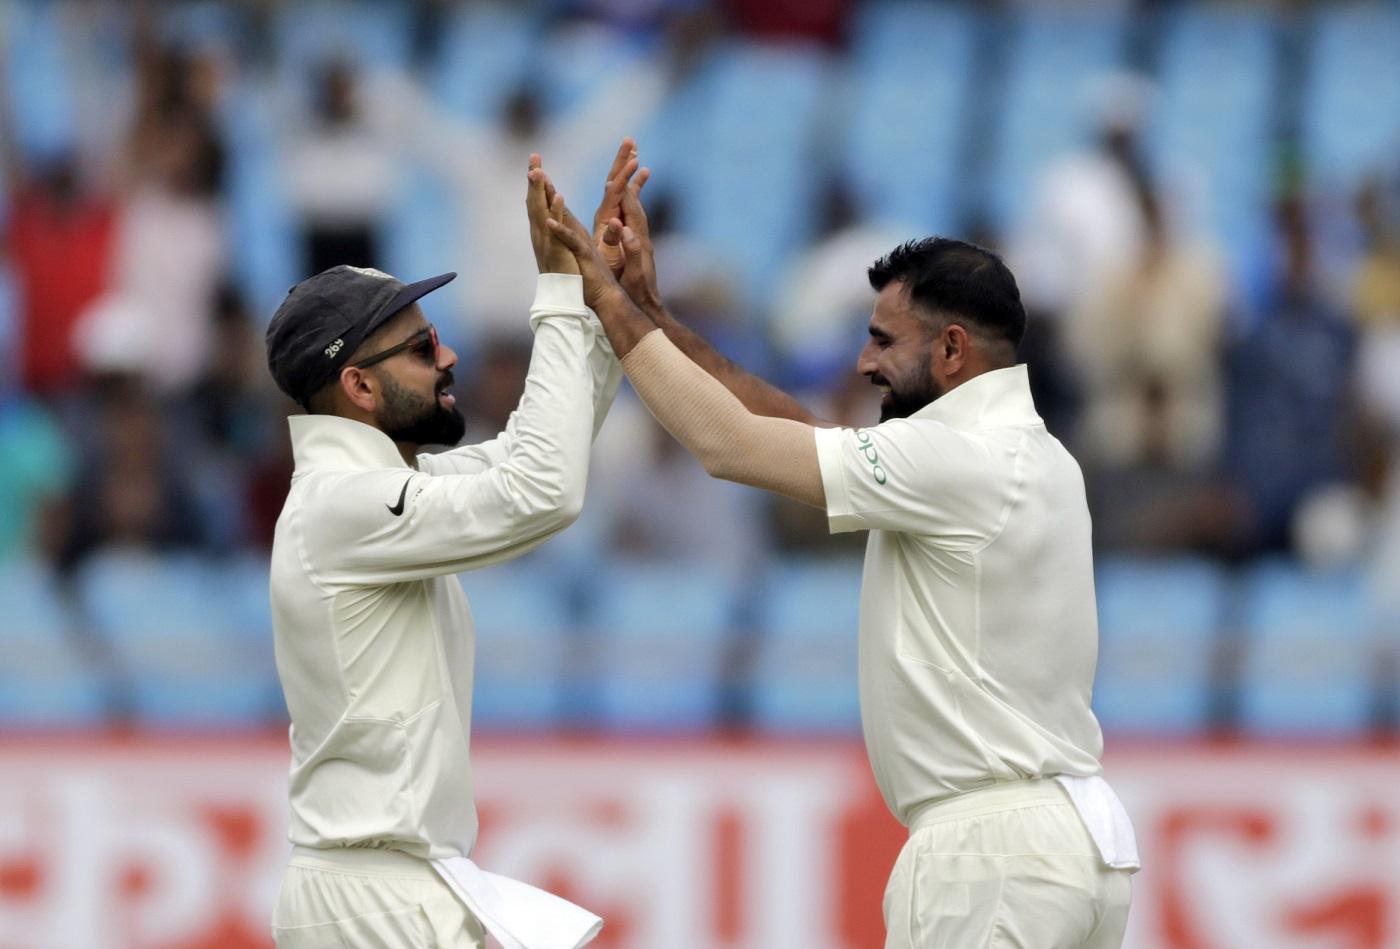 INDvsWI: वेस्टइंडीज के गेंदबाजी कोच ने अपने खिलाड़ियों को भारतीय गेंदबाजों से सीखने की दी सलाह 1